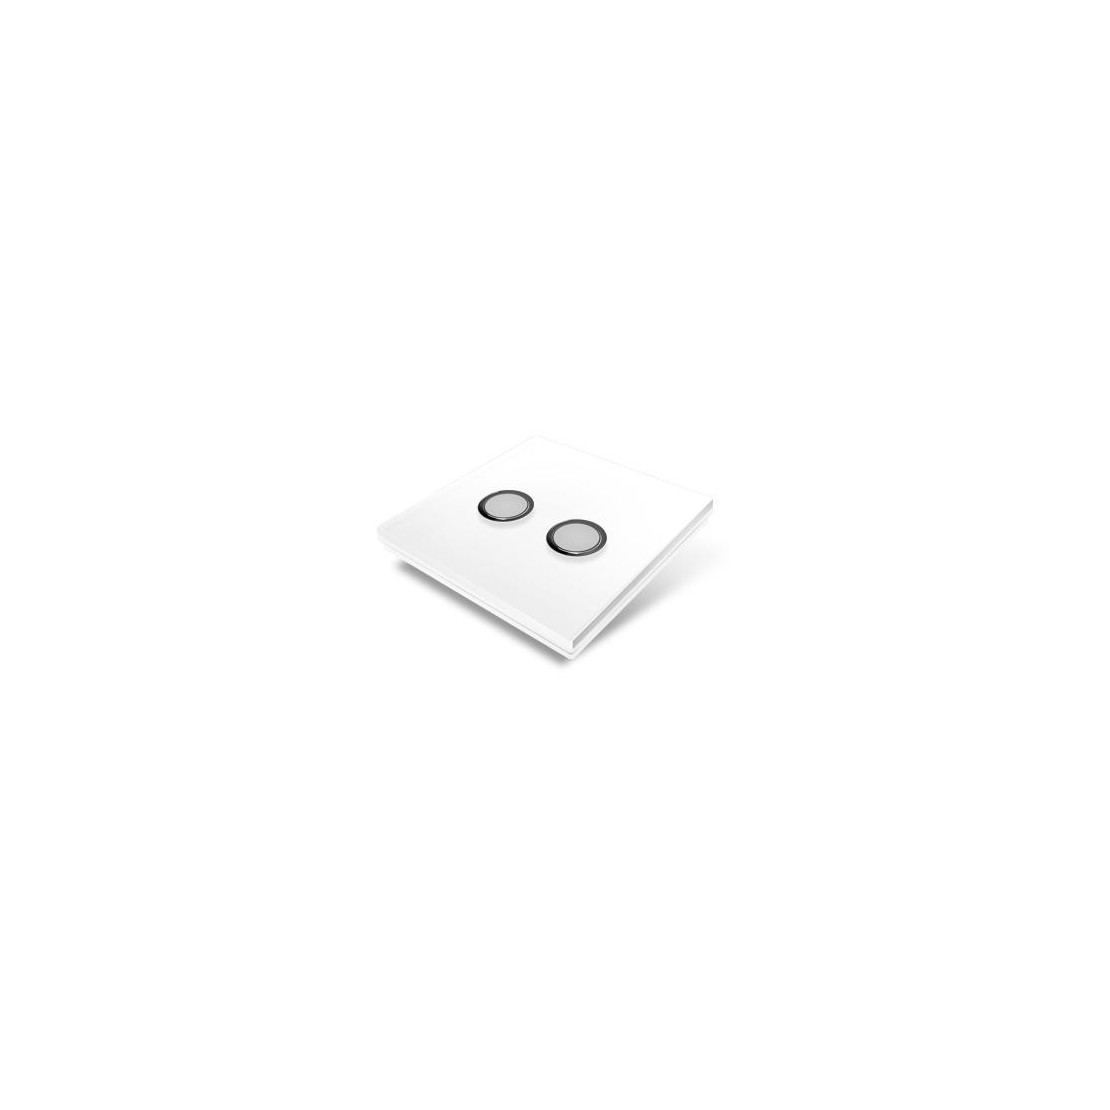 Cubierta para interruptor Edisio - plástico blanco